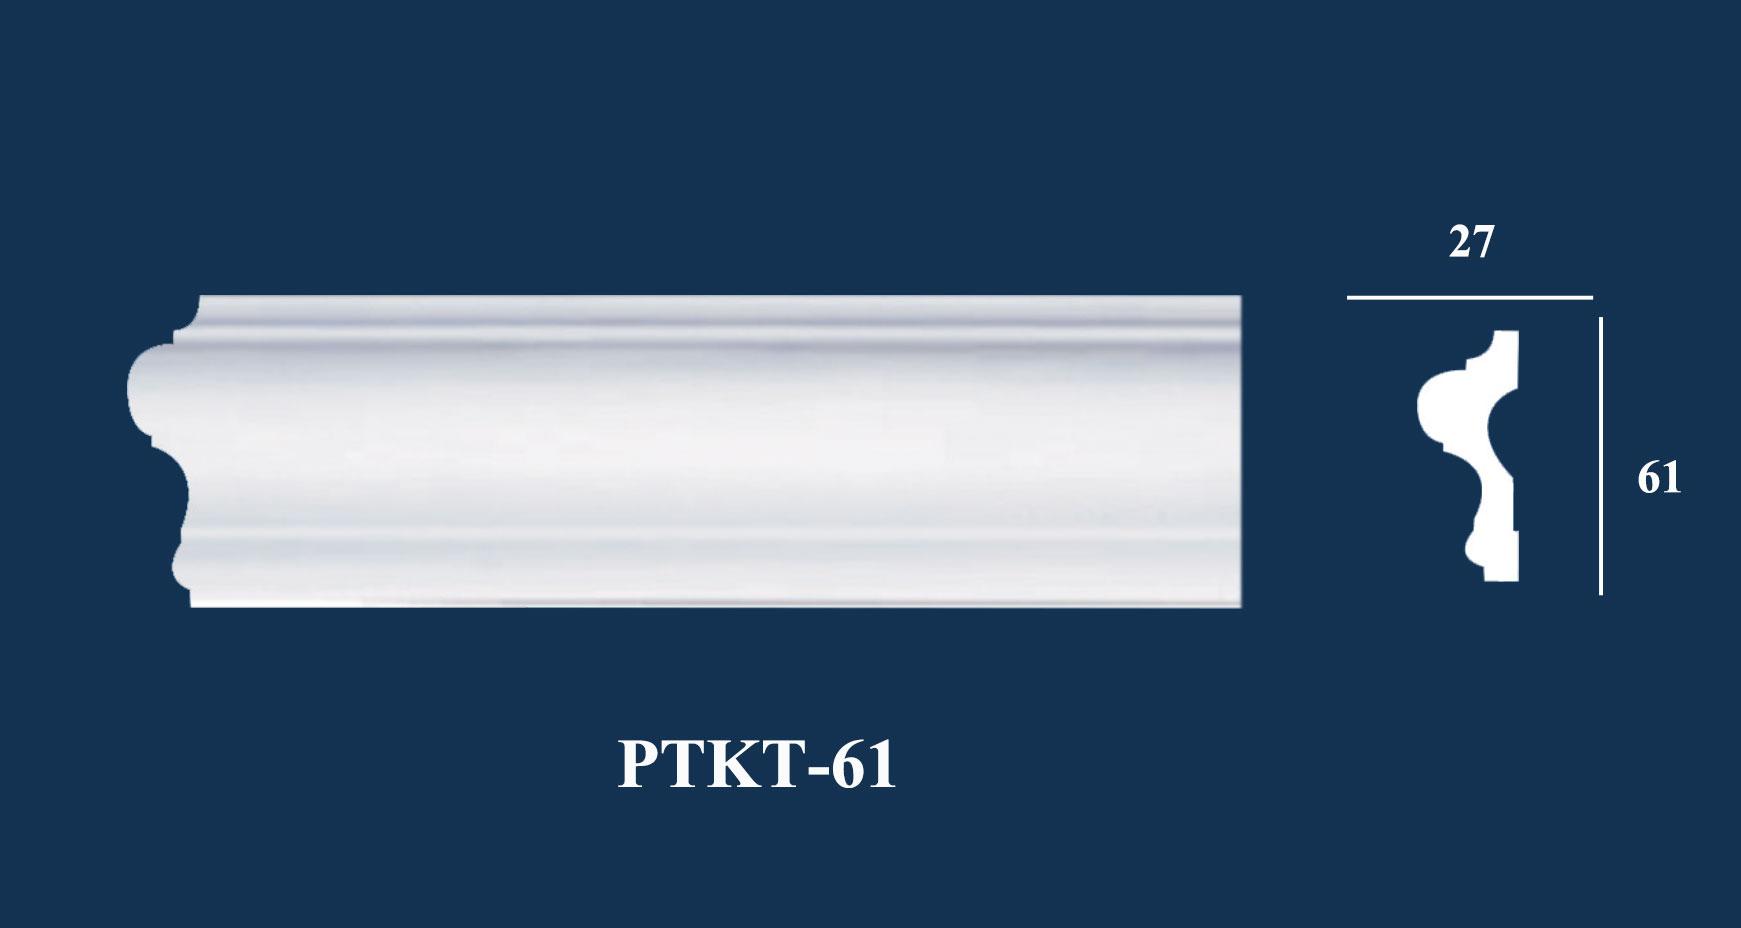 Nẹp Tường Trơn - PUKT-61